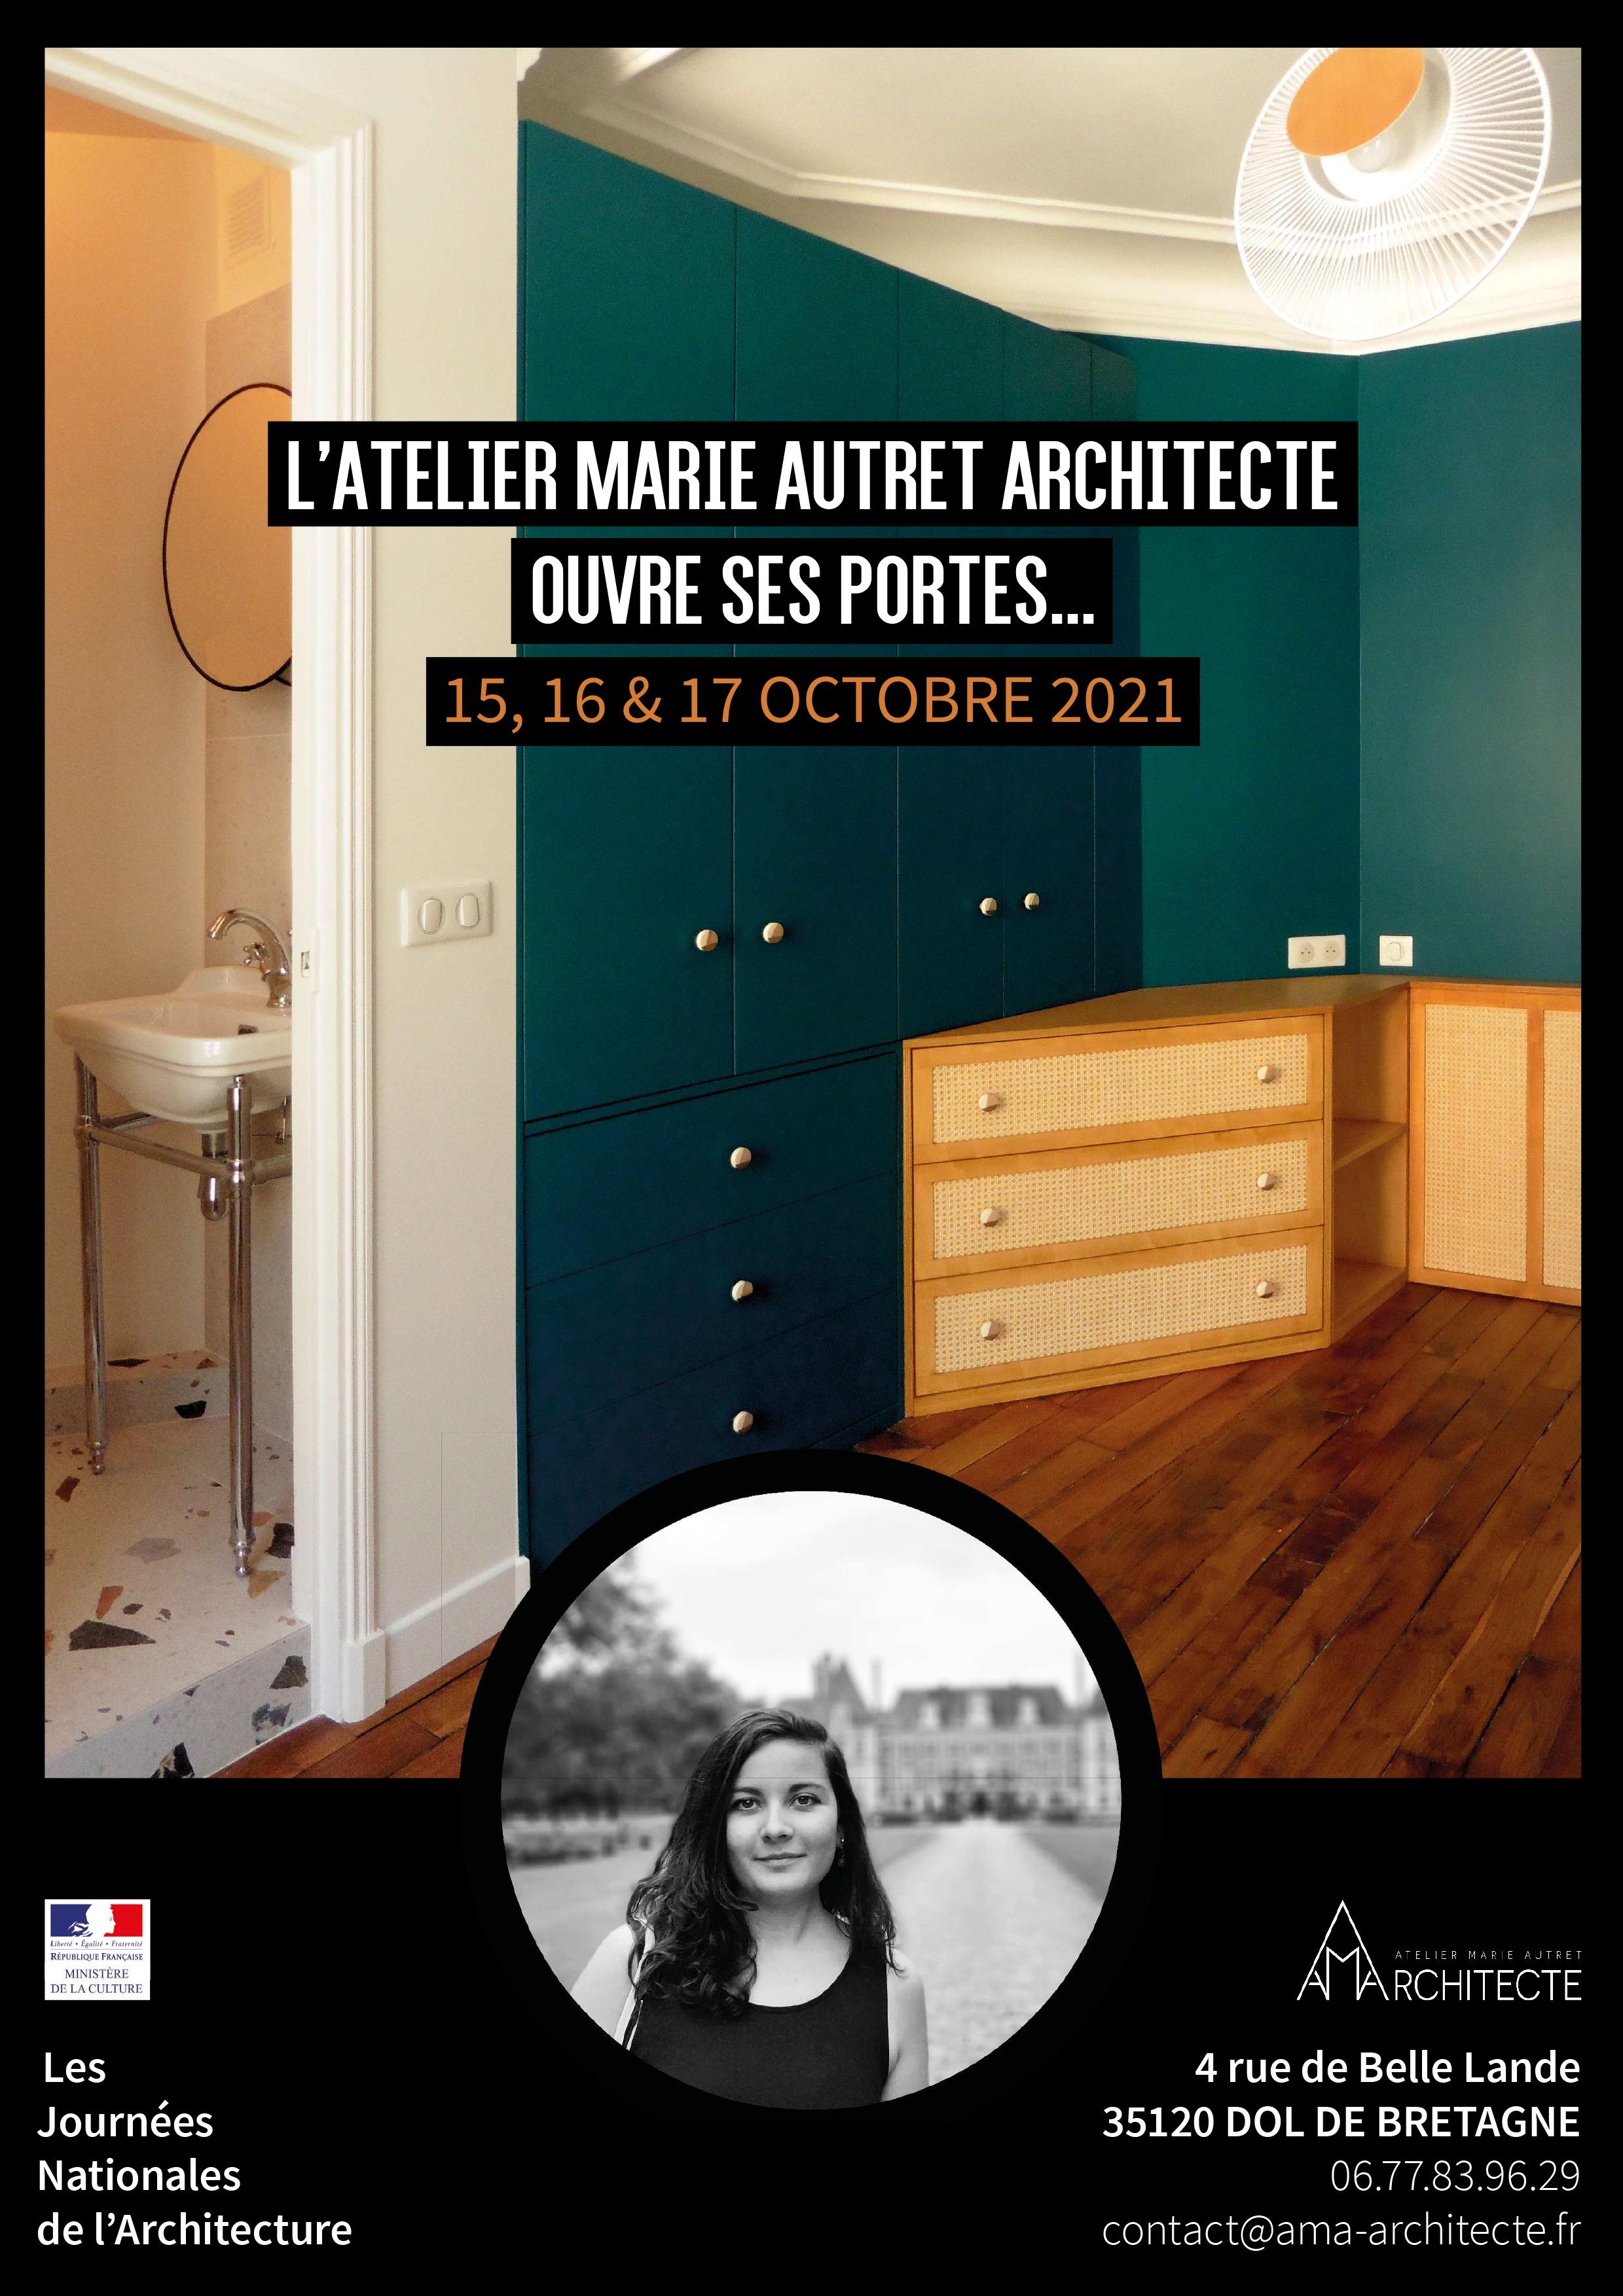 Atelier Marie Autret Architecte